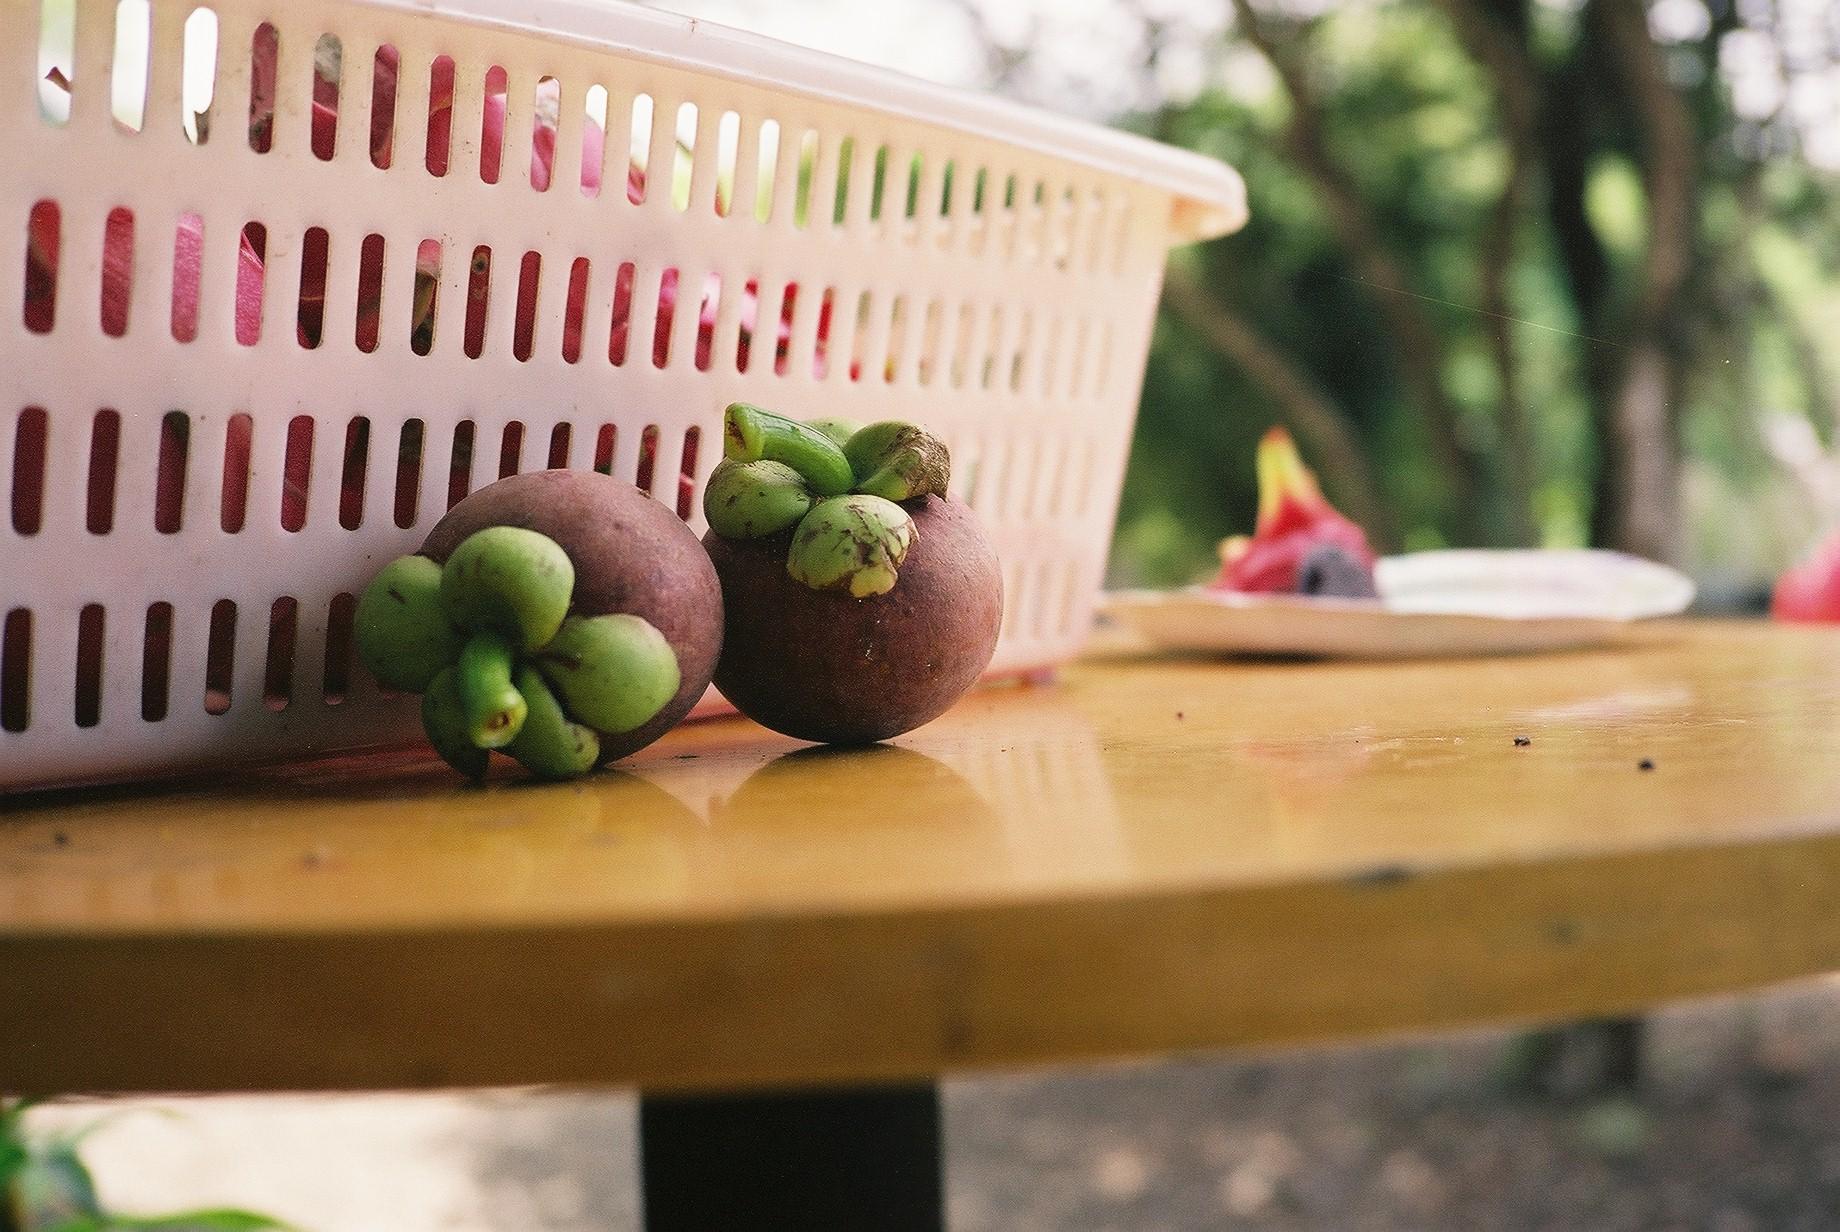 Mangosteen on table.